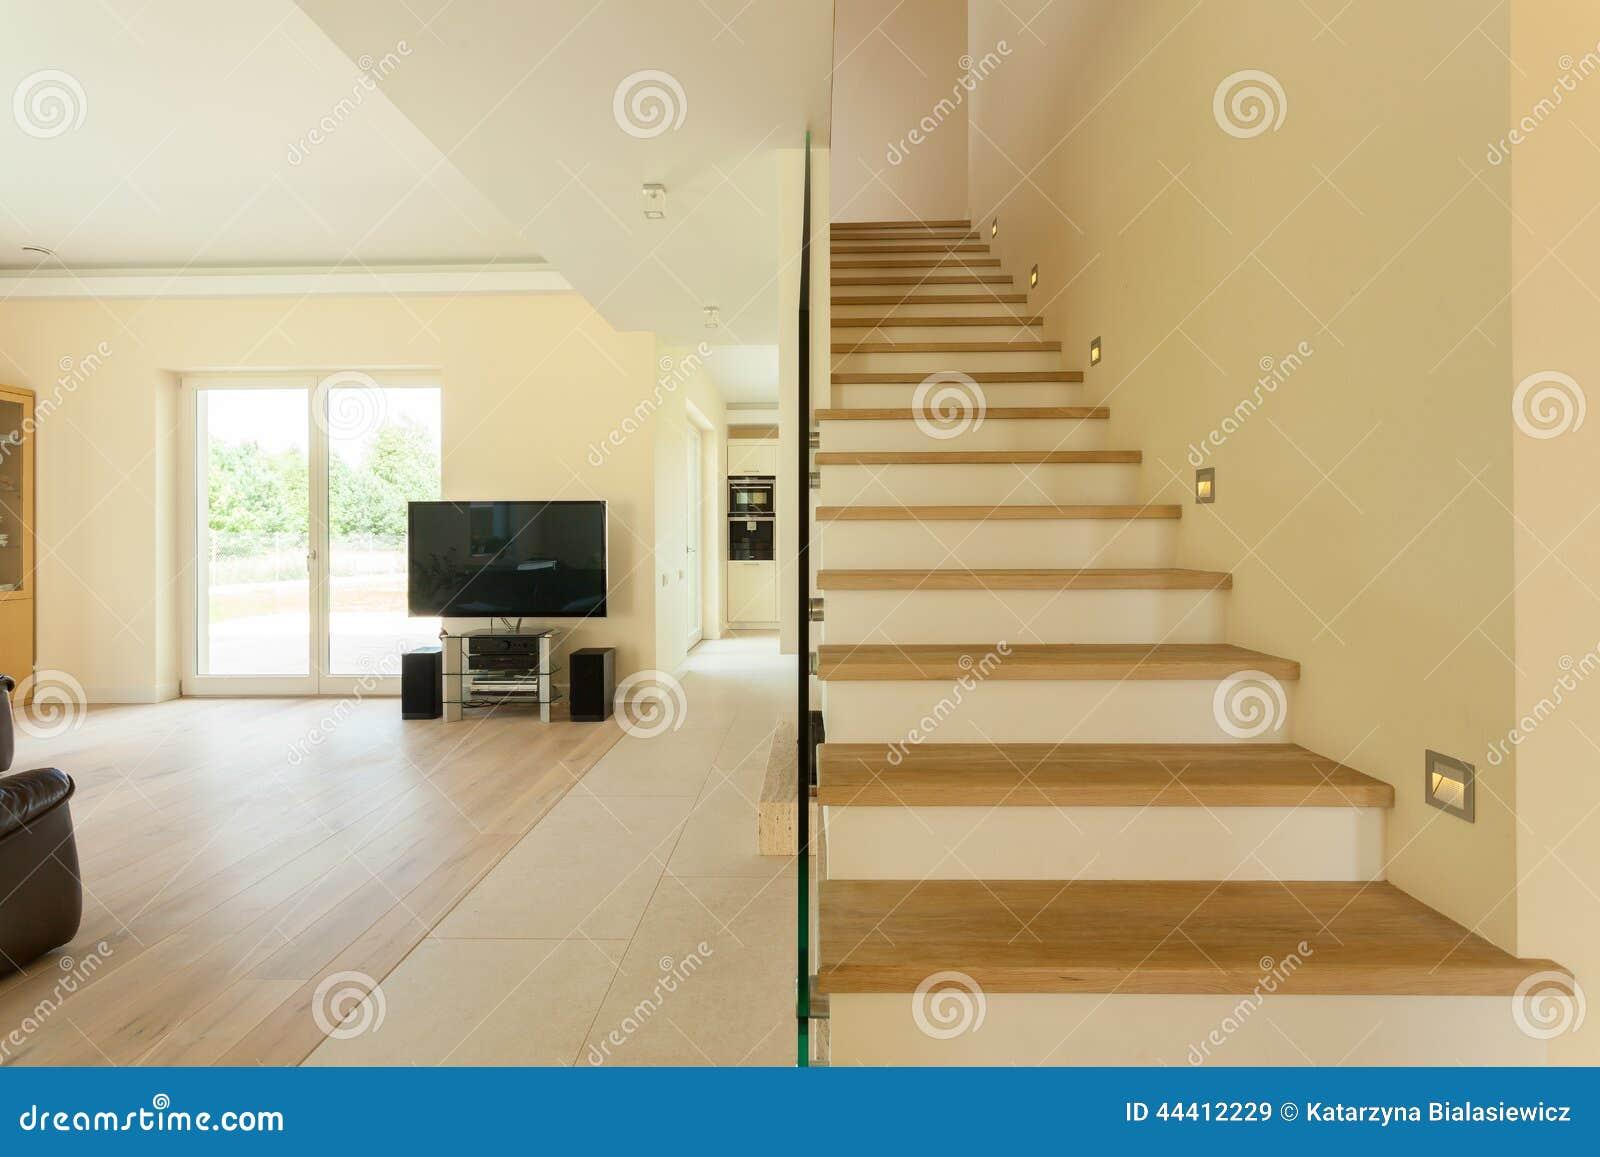 Ruime woonkamer met trap stock afbeelding afbeelding bestaande